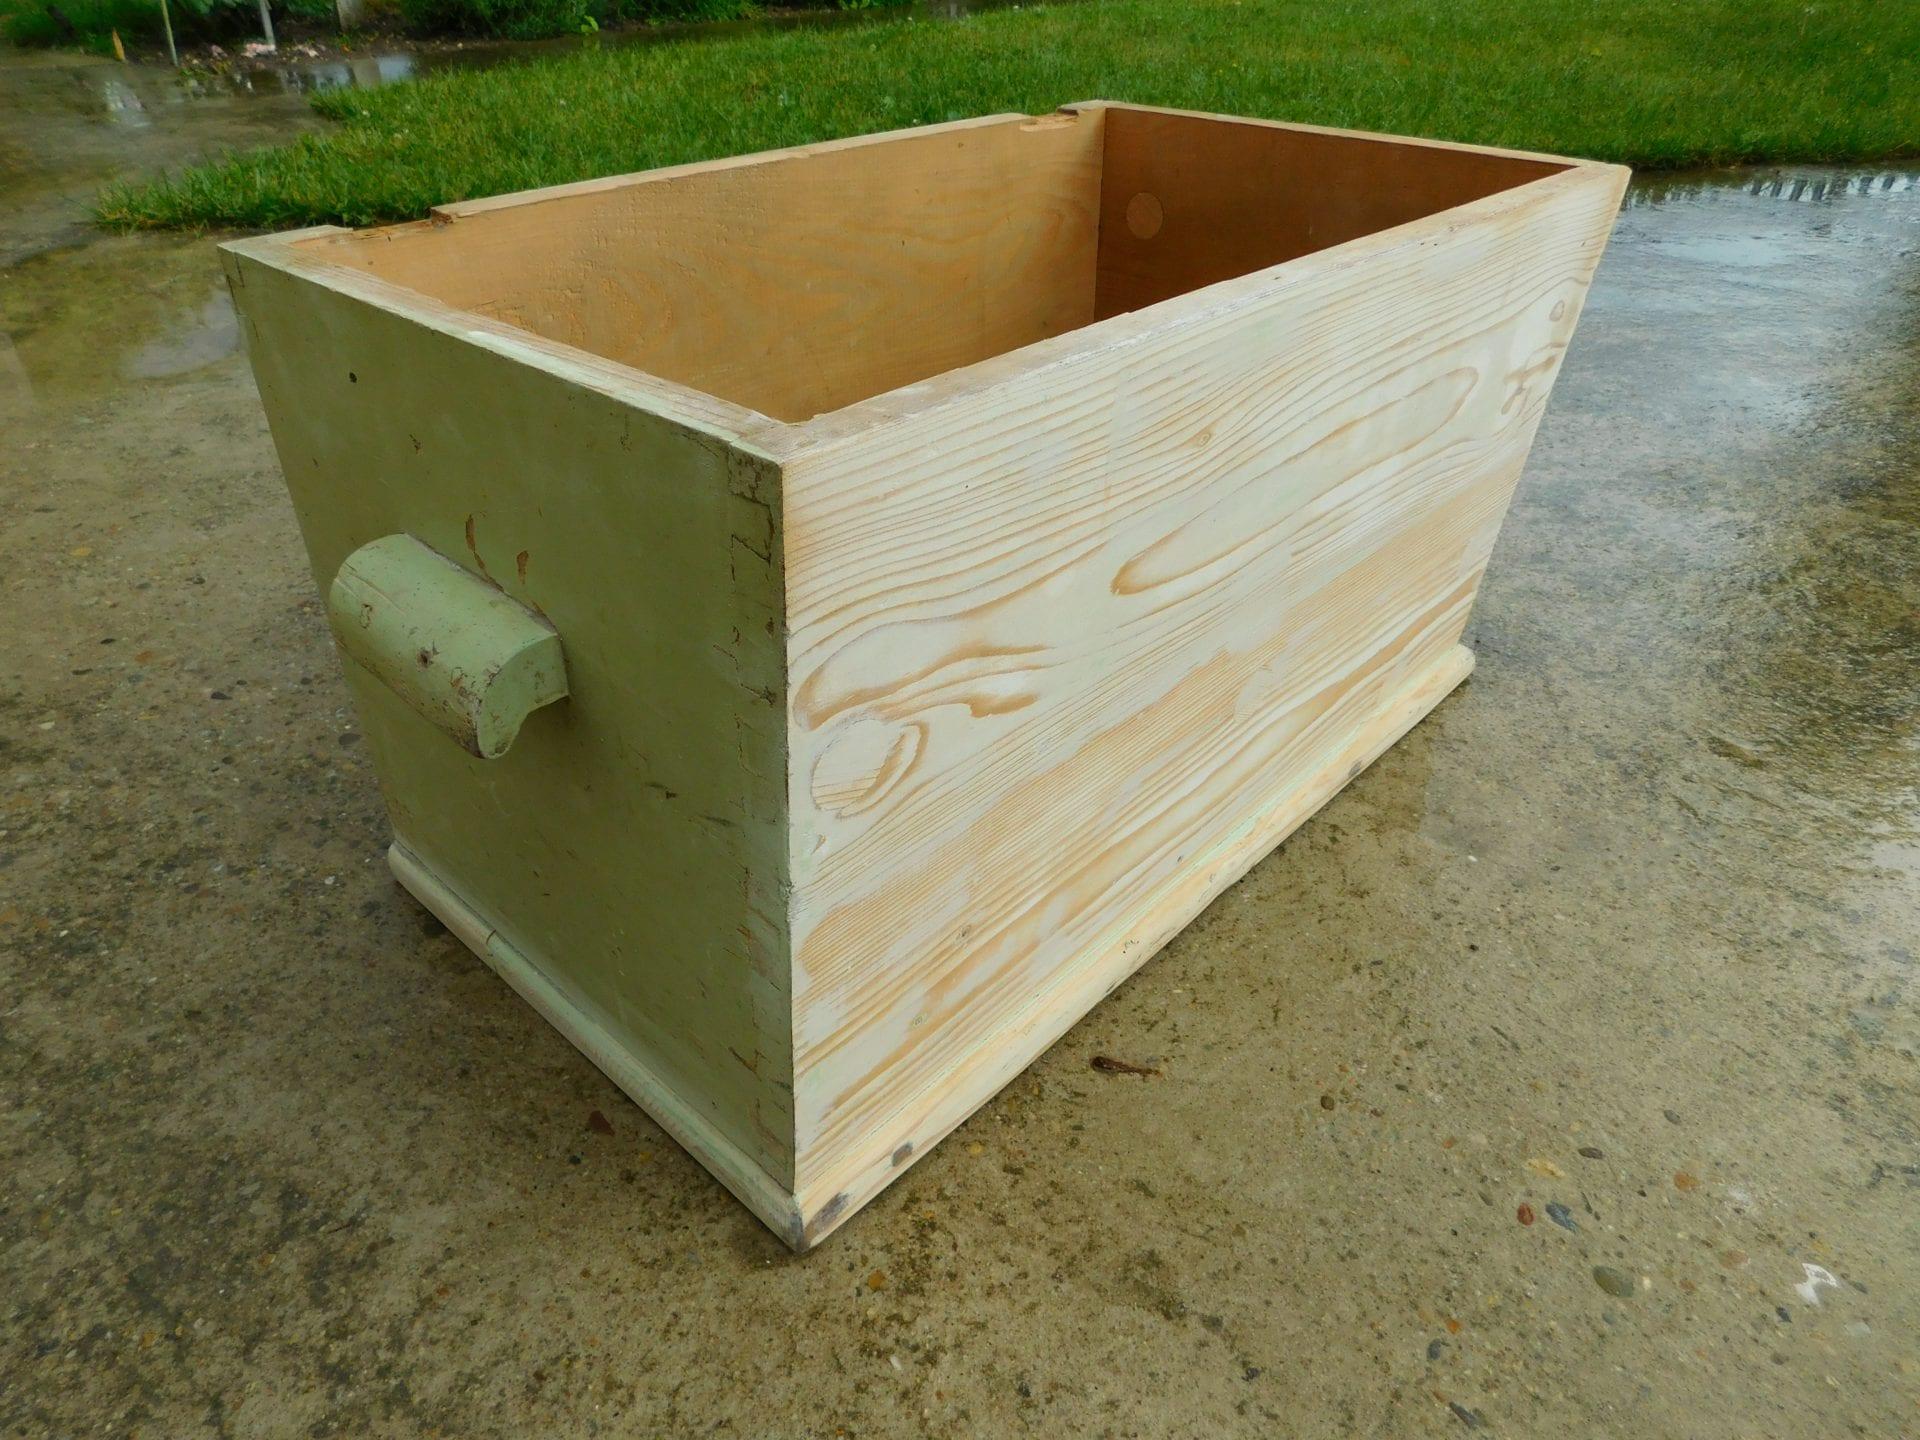 hoblovanie-struktura-dreva-kresba-dreva-truhlica